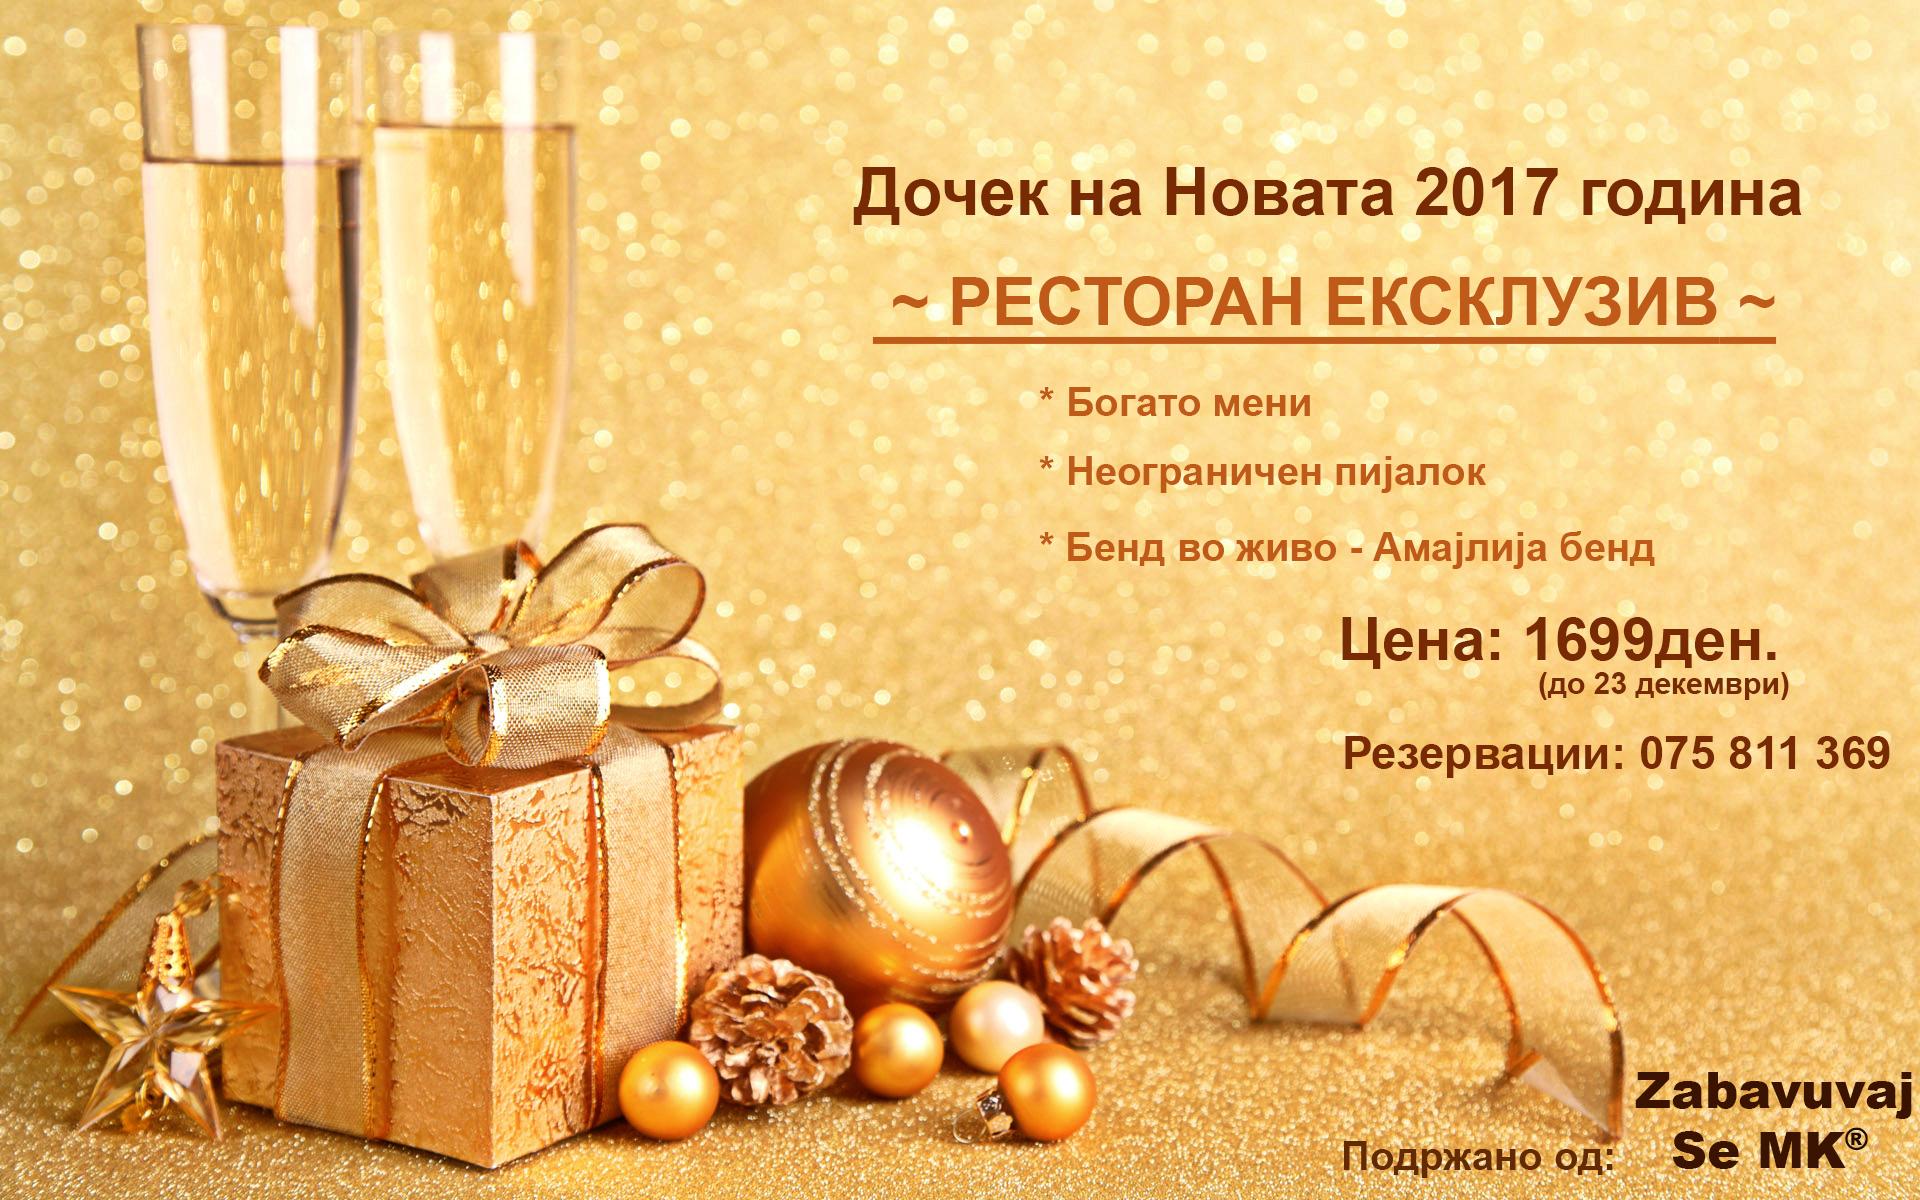 Сѐ уште не знаете каде за Нова година?